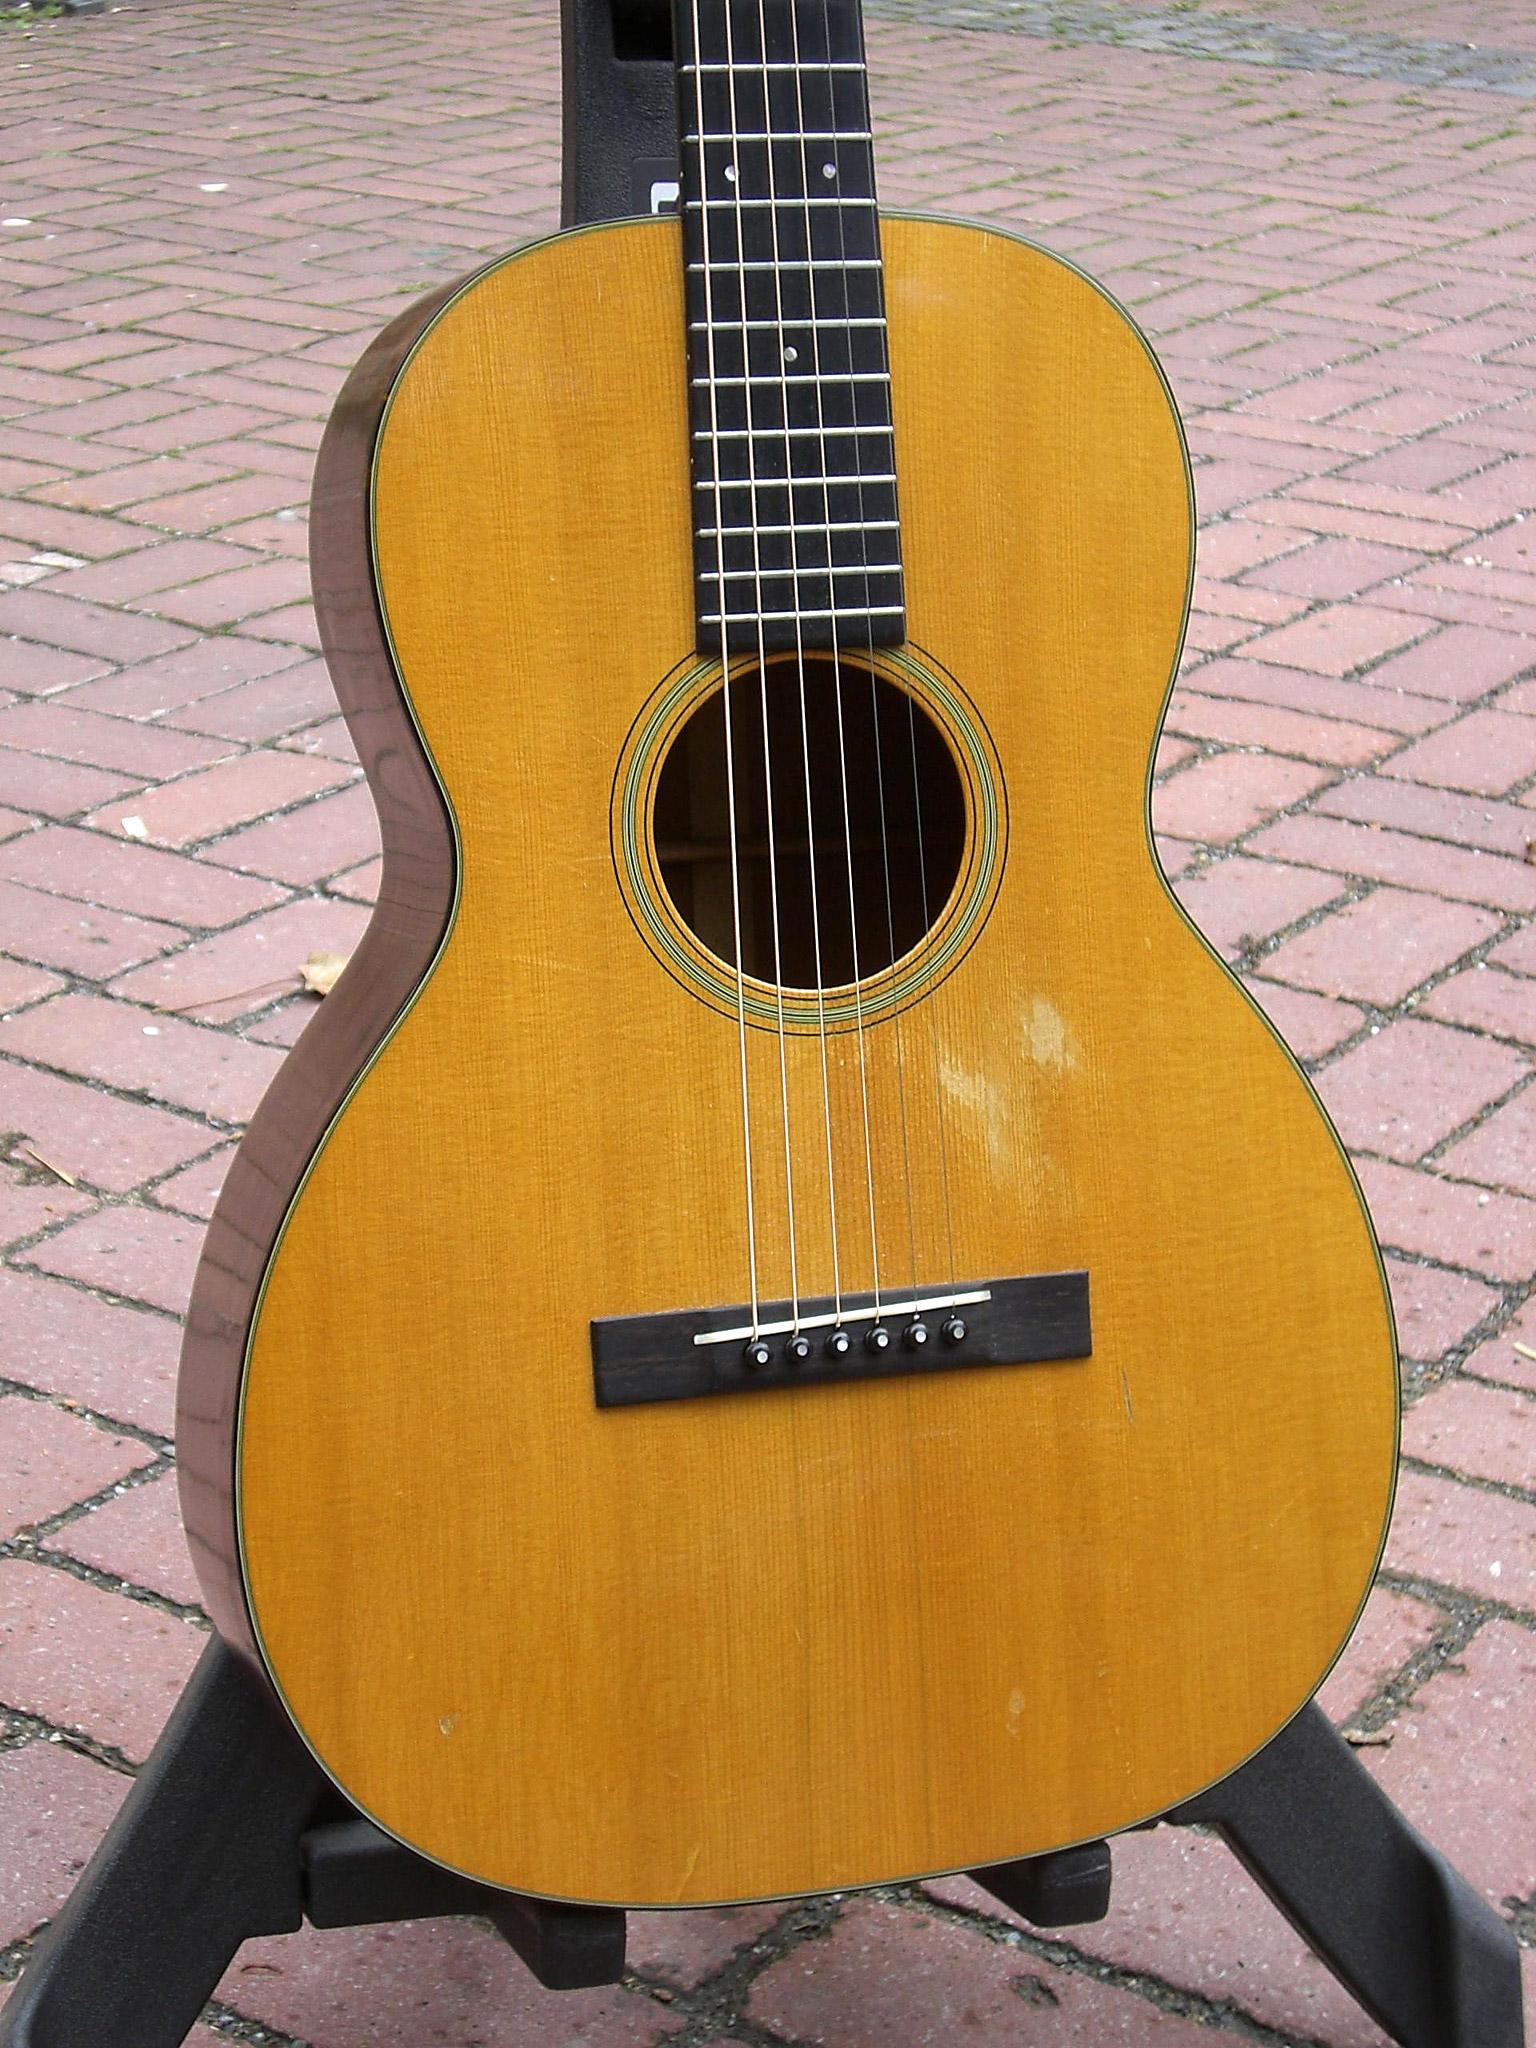 c f martin 00 18g 1936 natural guitar for sale henkes blazer. Black Bedroom Furniture Sets. Home Design Ideas